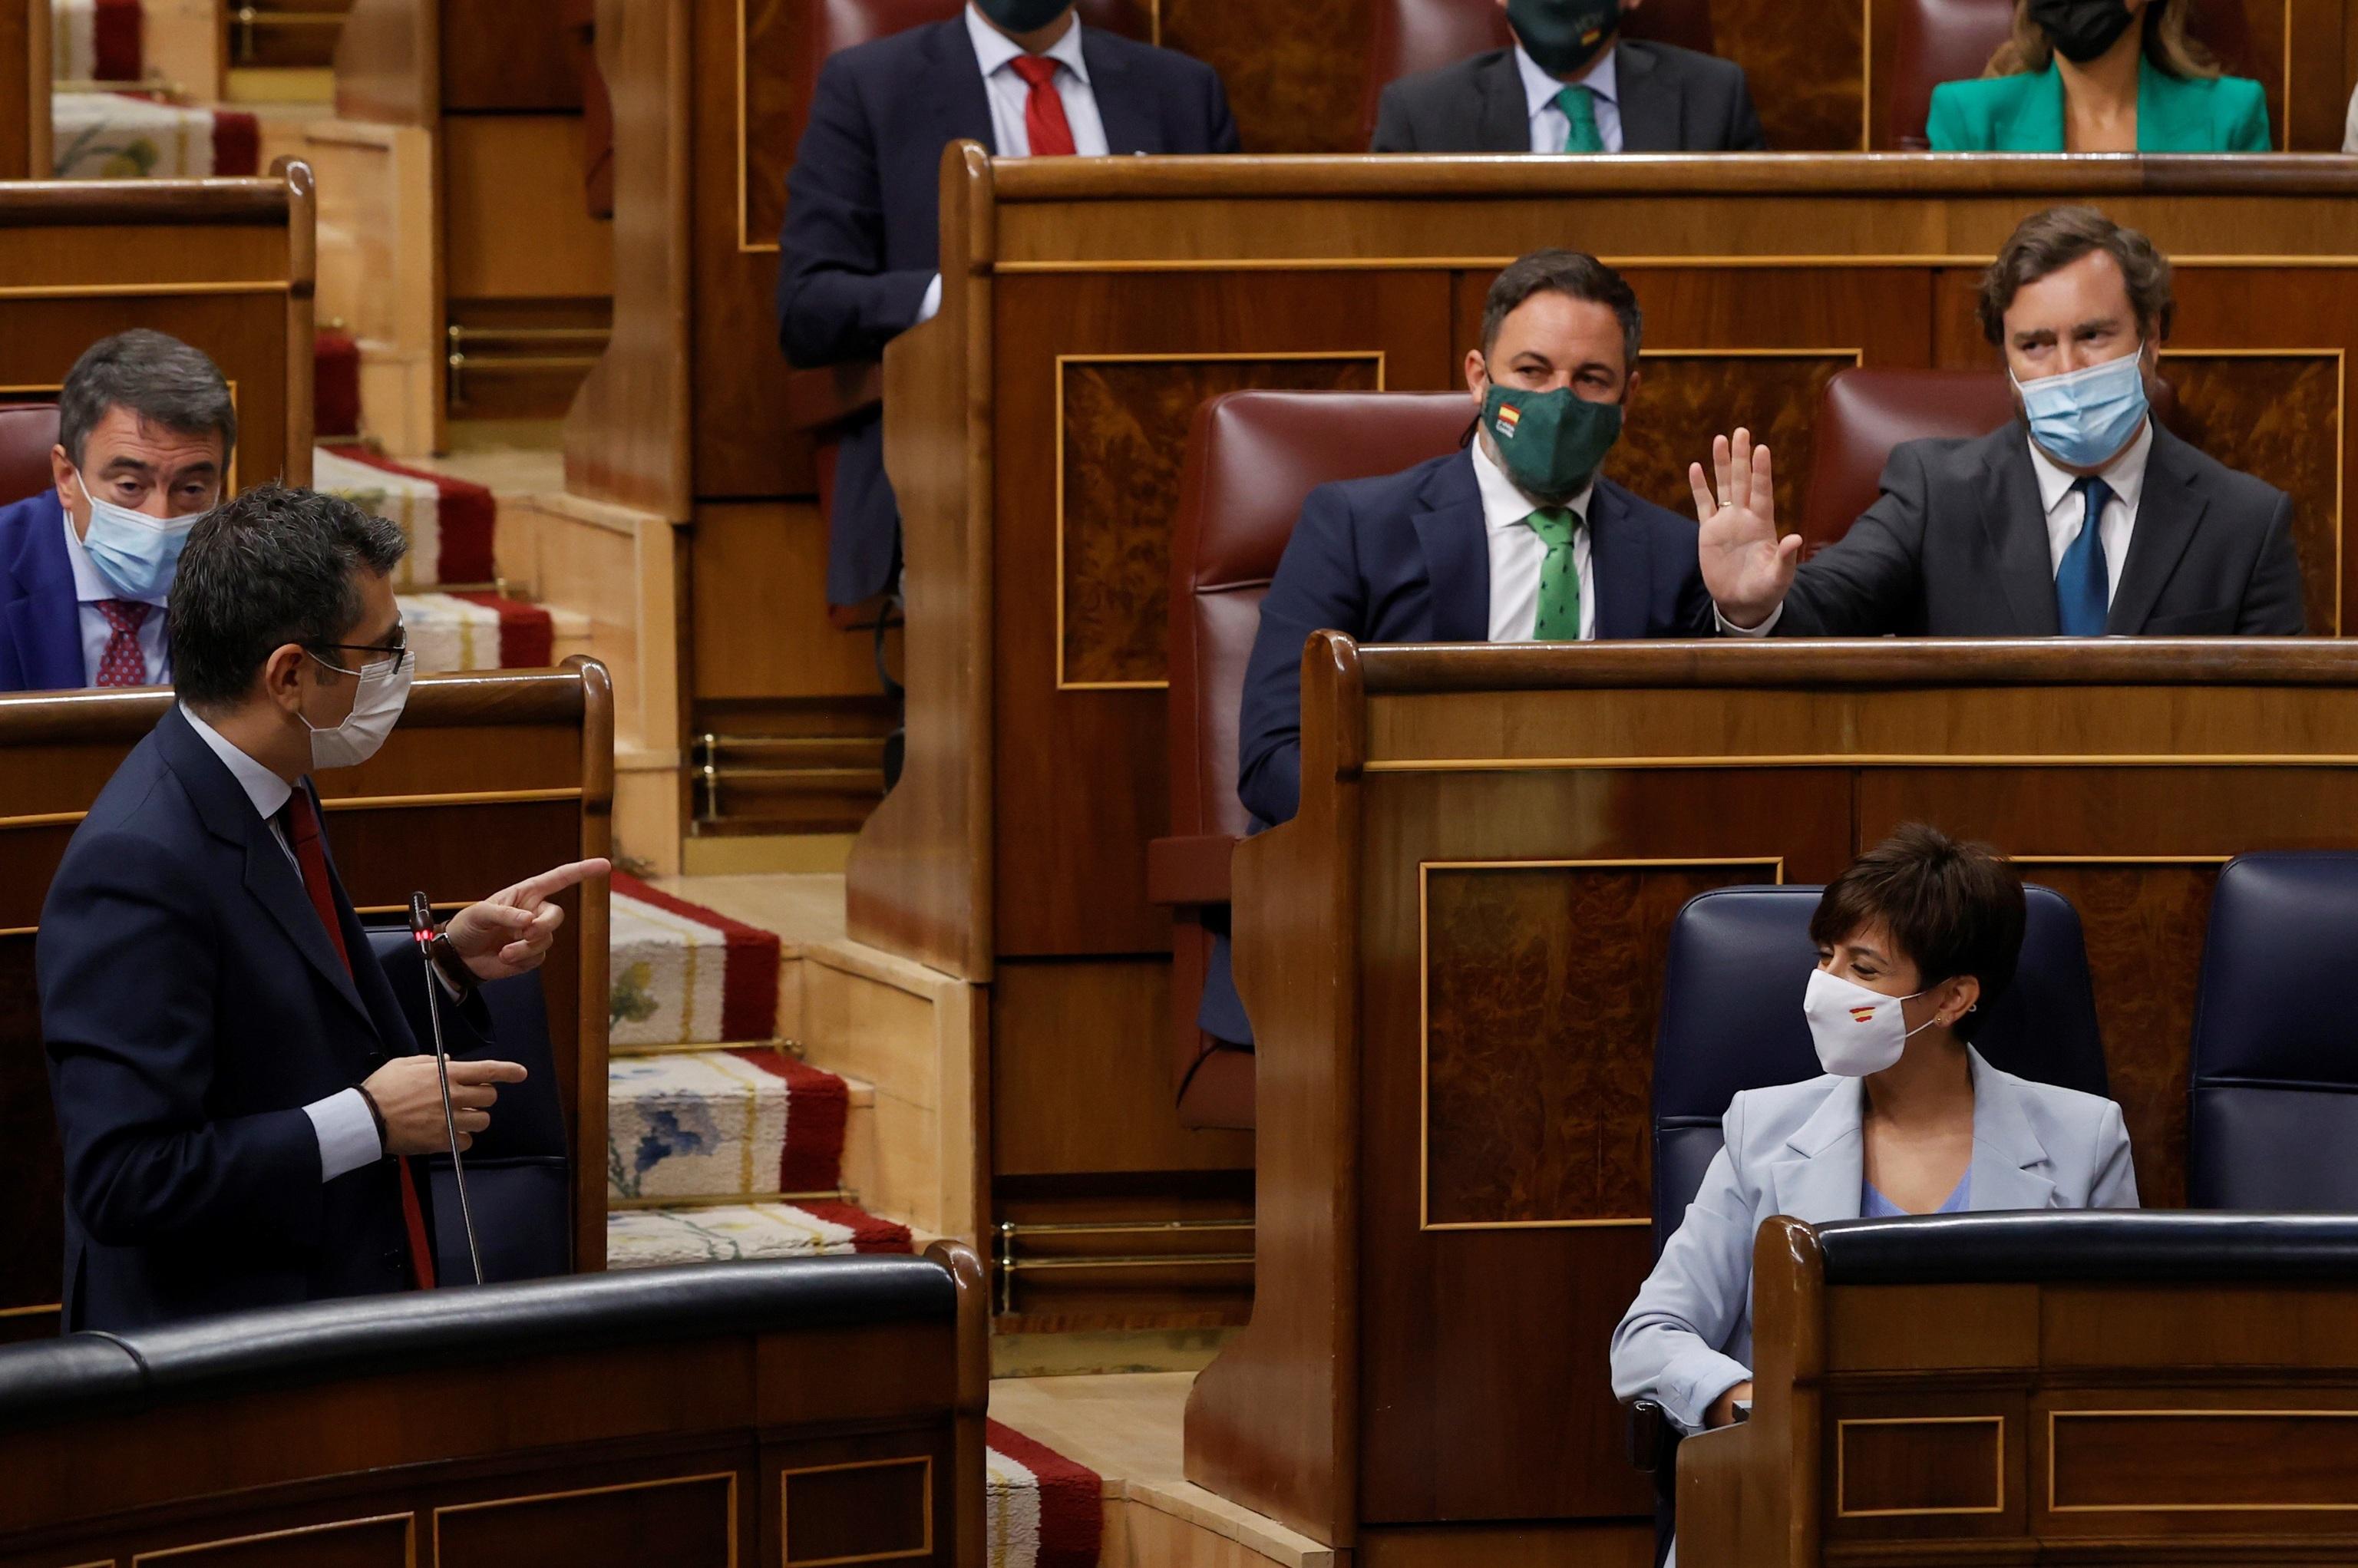 El ministro de Presidencia, Félix Bolaños, interperla al portavoz de Vox, Santiago Abascal.